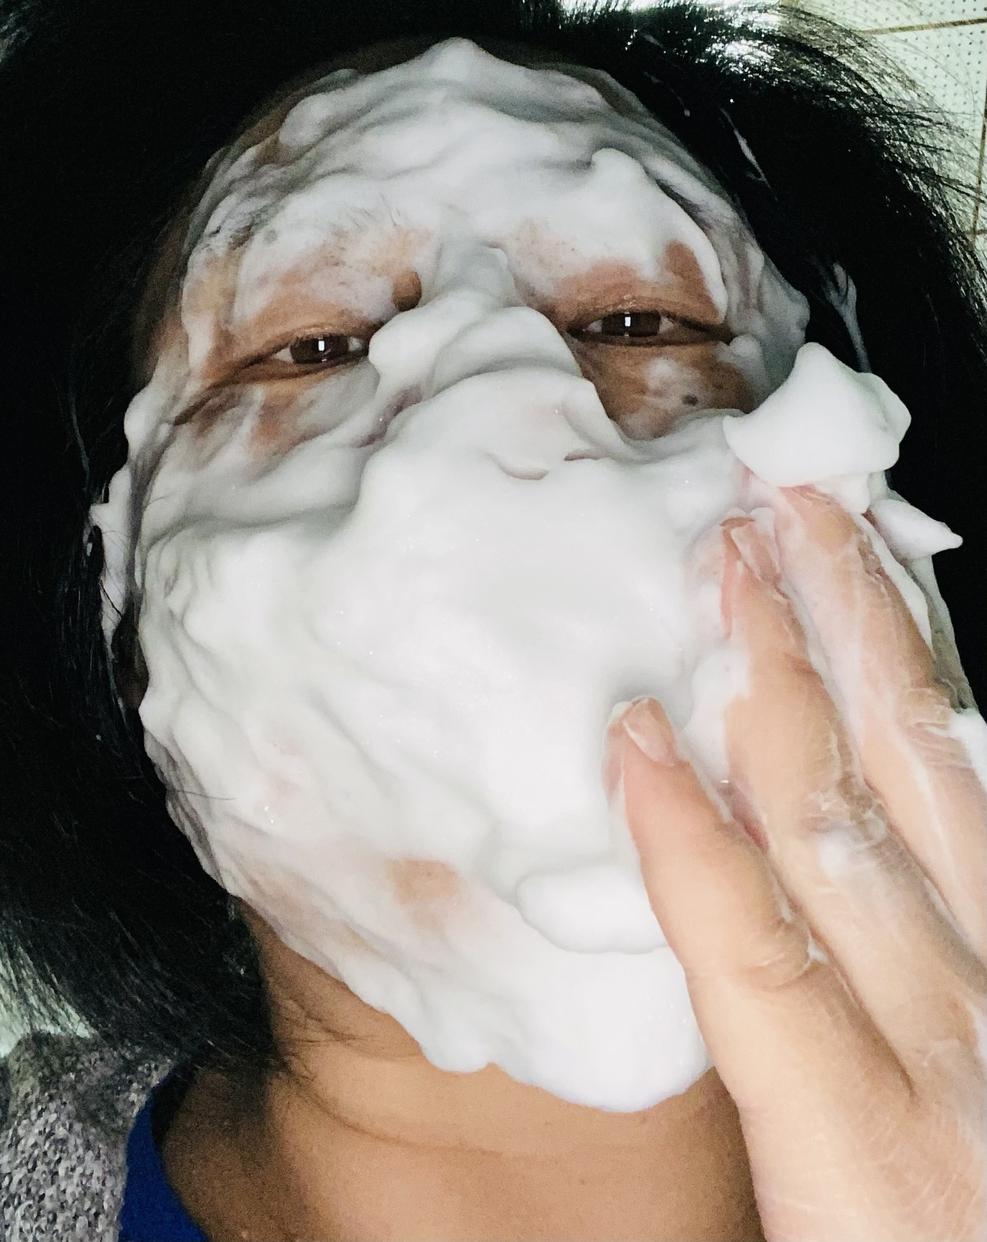 carenainai(ケアナイナイ) 酵素洗顔パウダーを使ったマイピコブーさんのクチコミ画像3